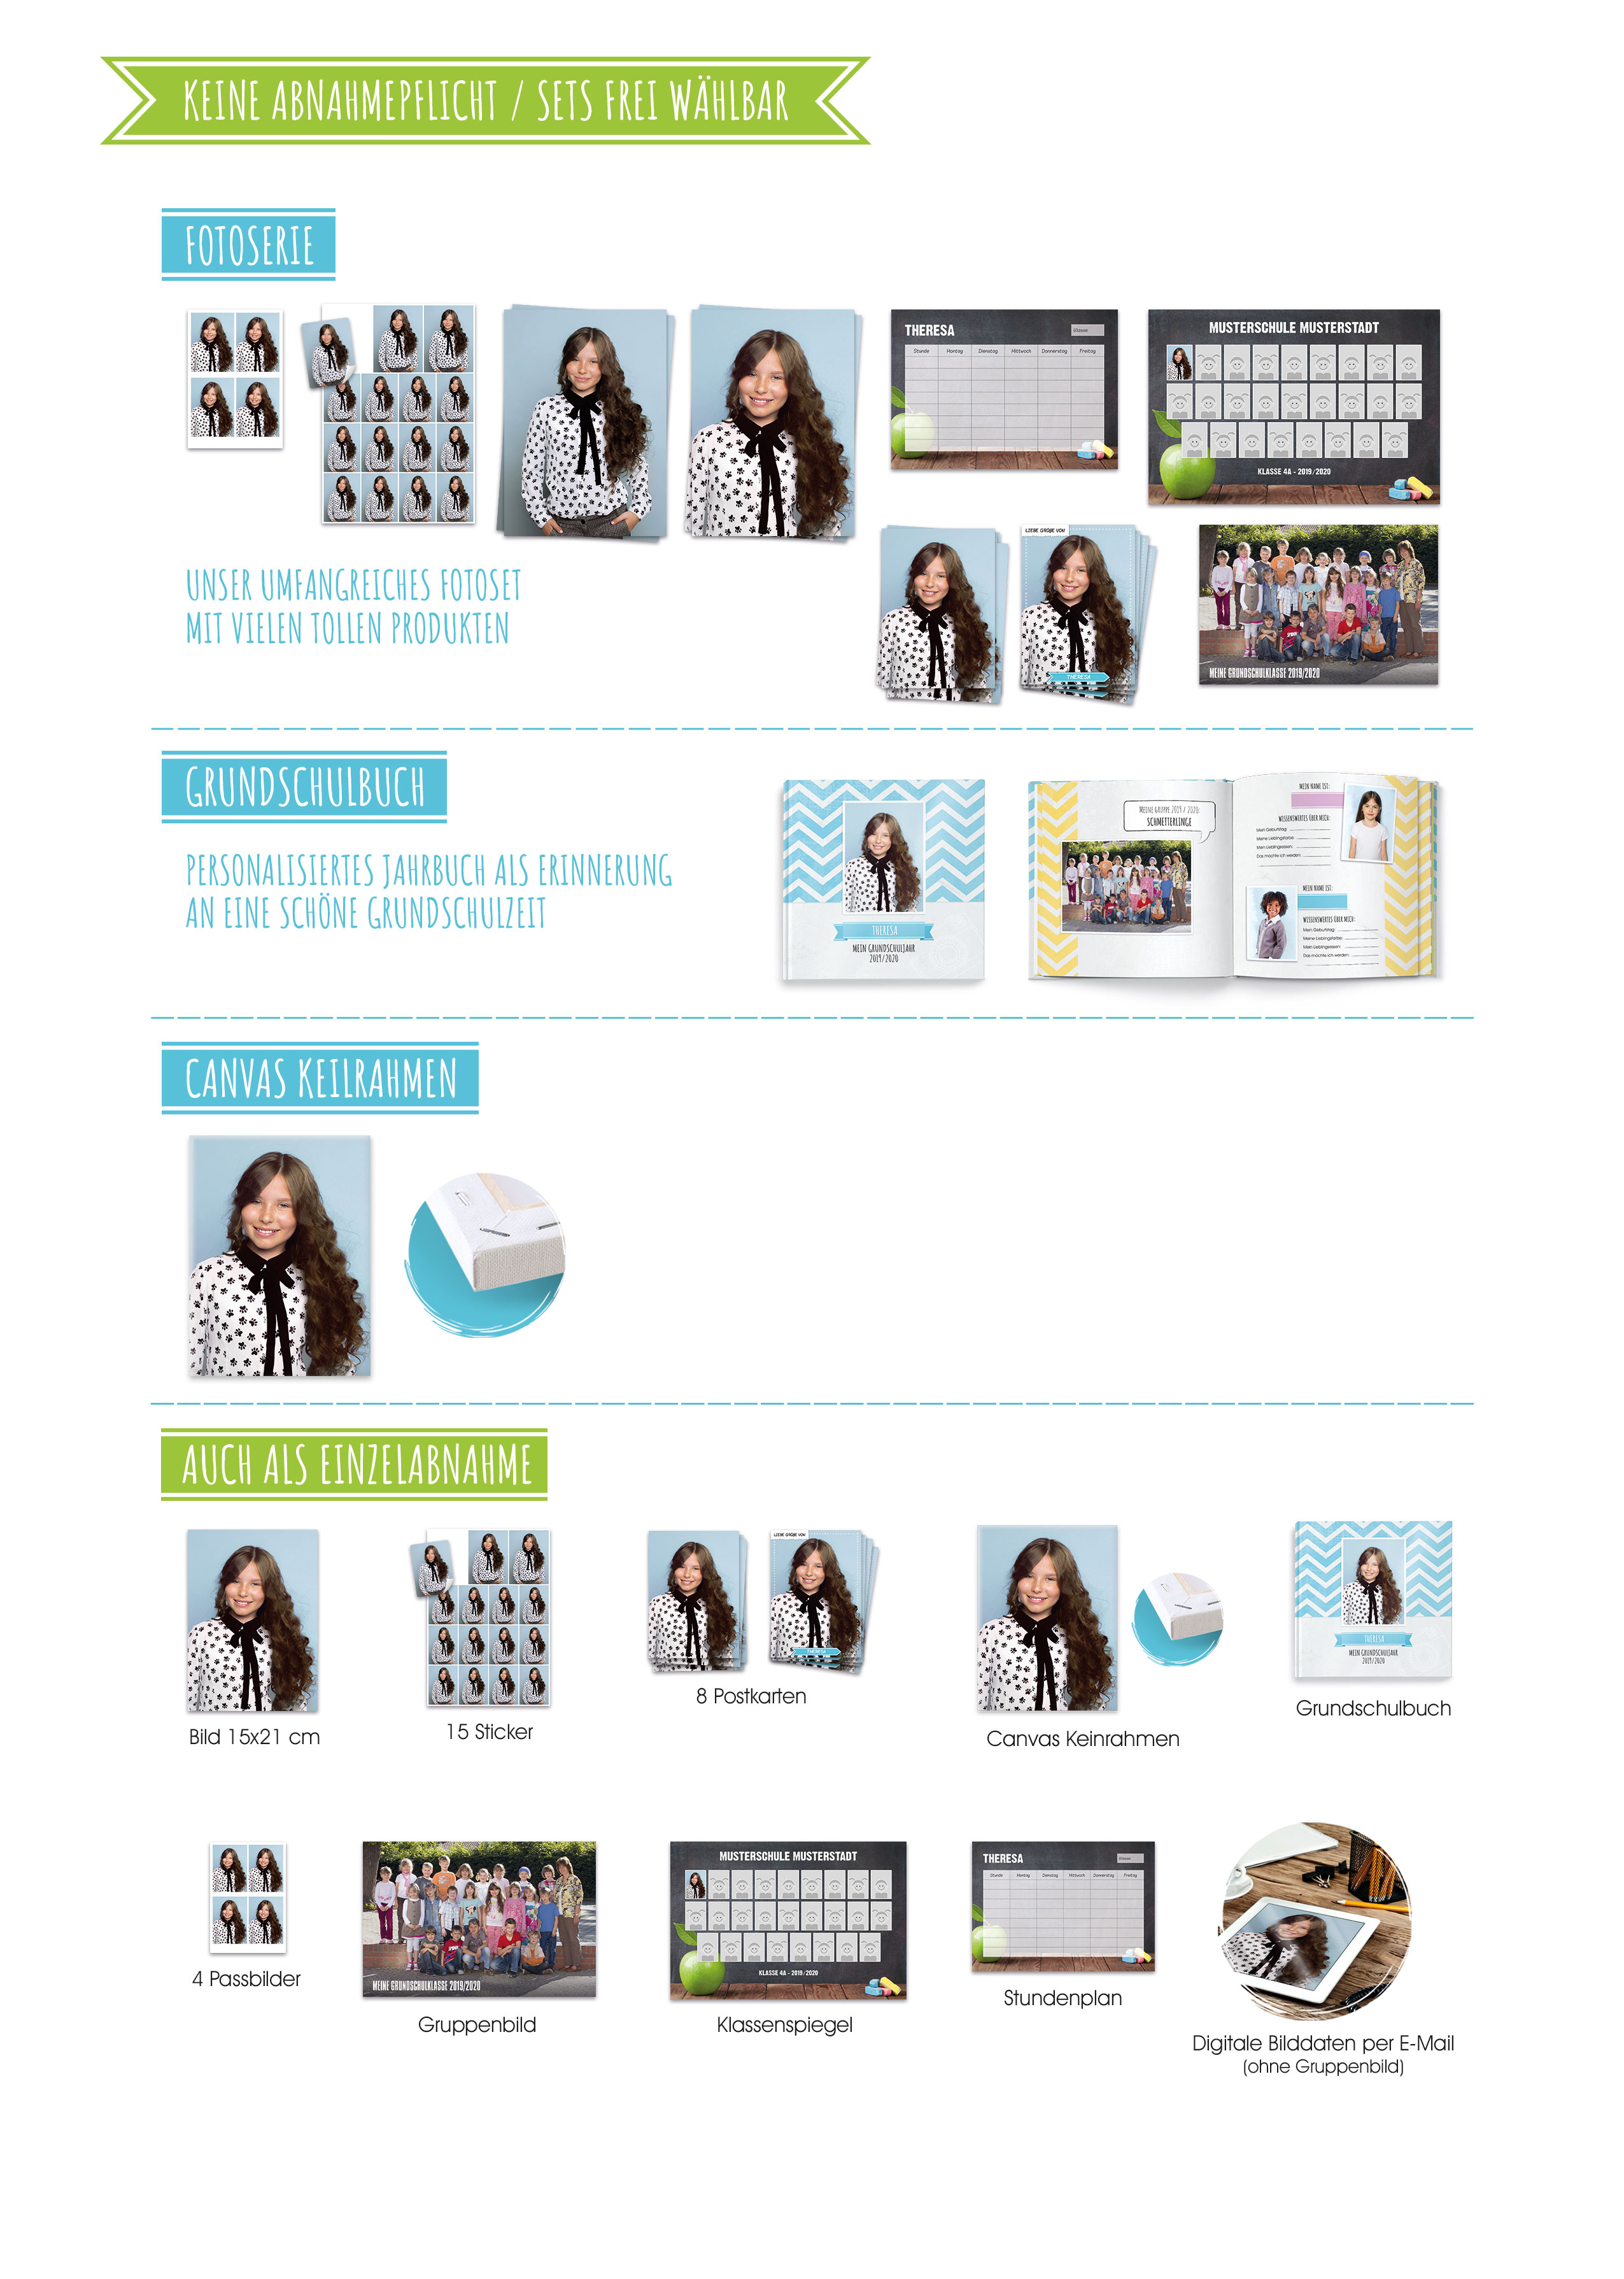 Kizpix.de Produktübersicht für die Einschulung und Grundschule: Fotoserie Bücher Leinwand